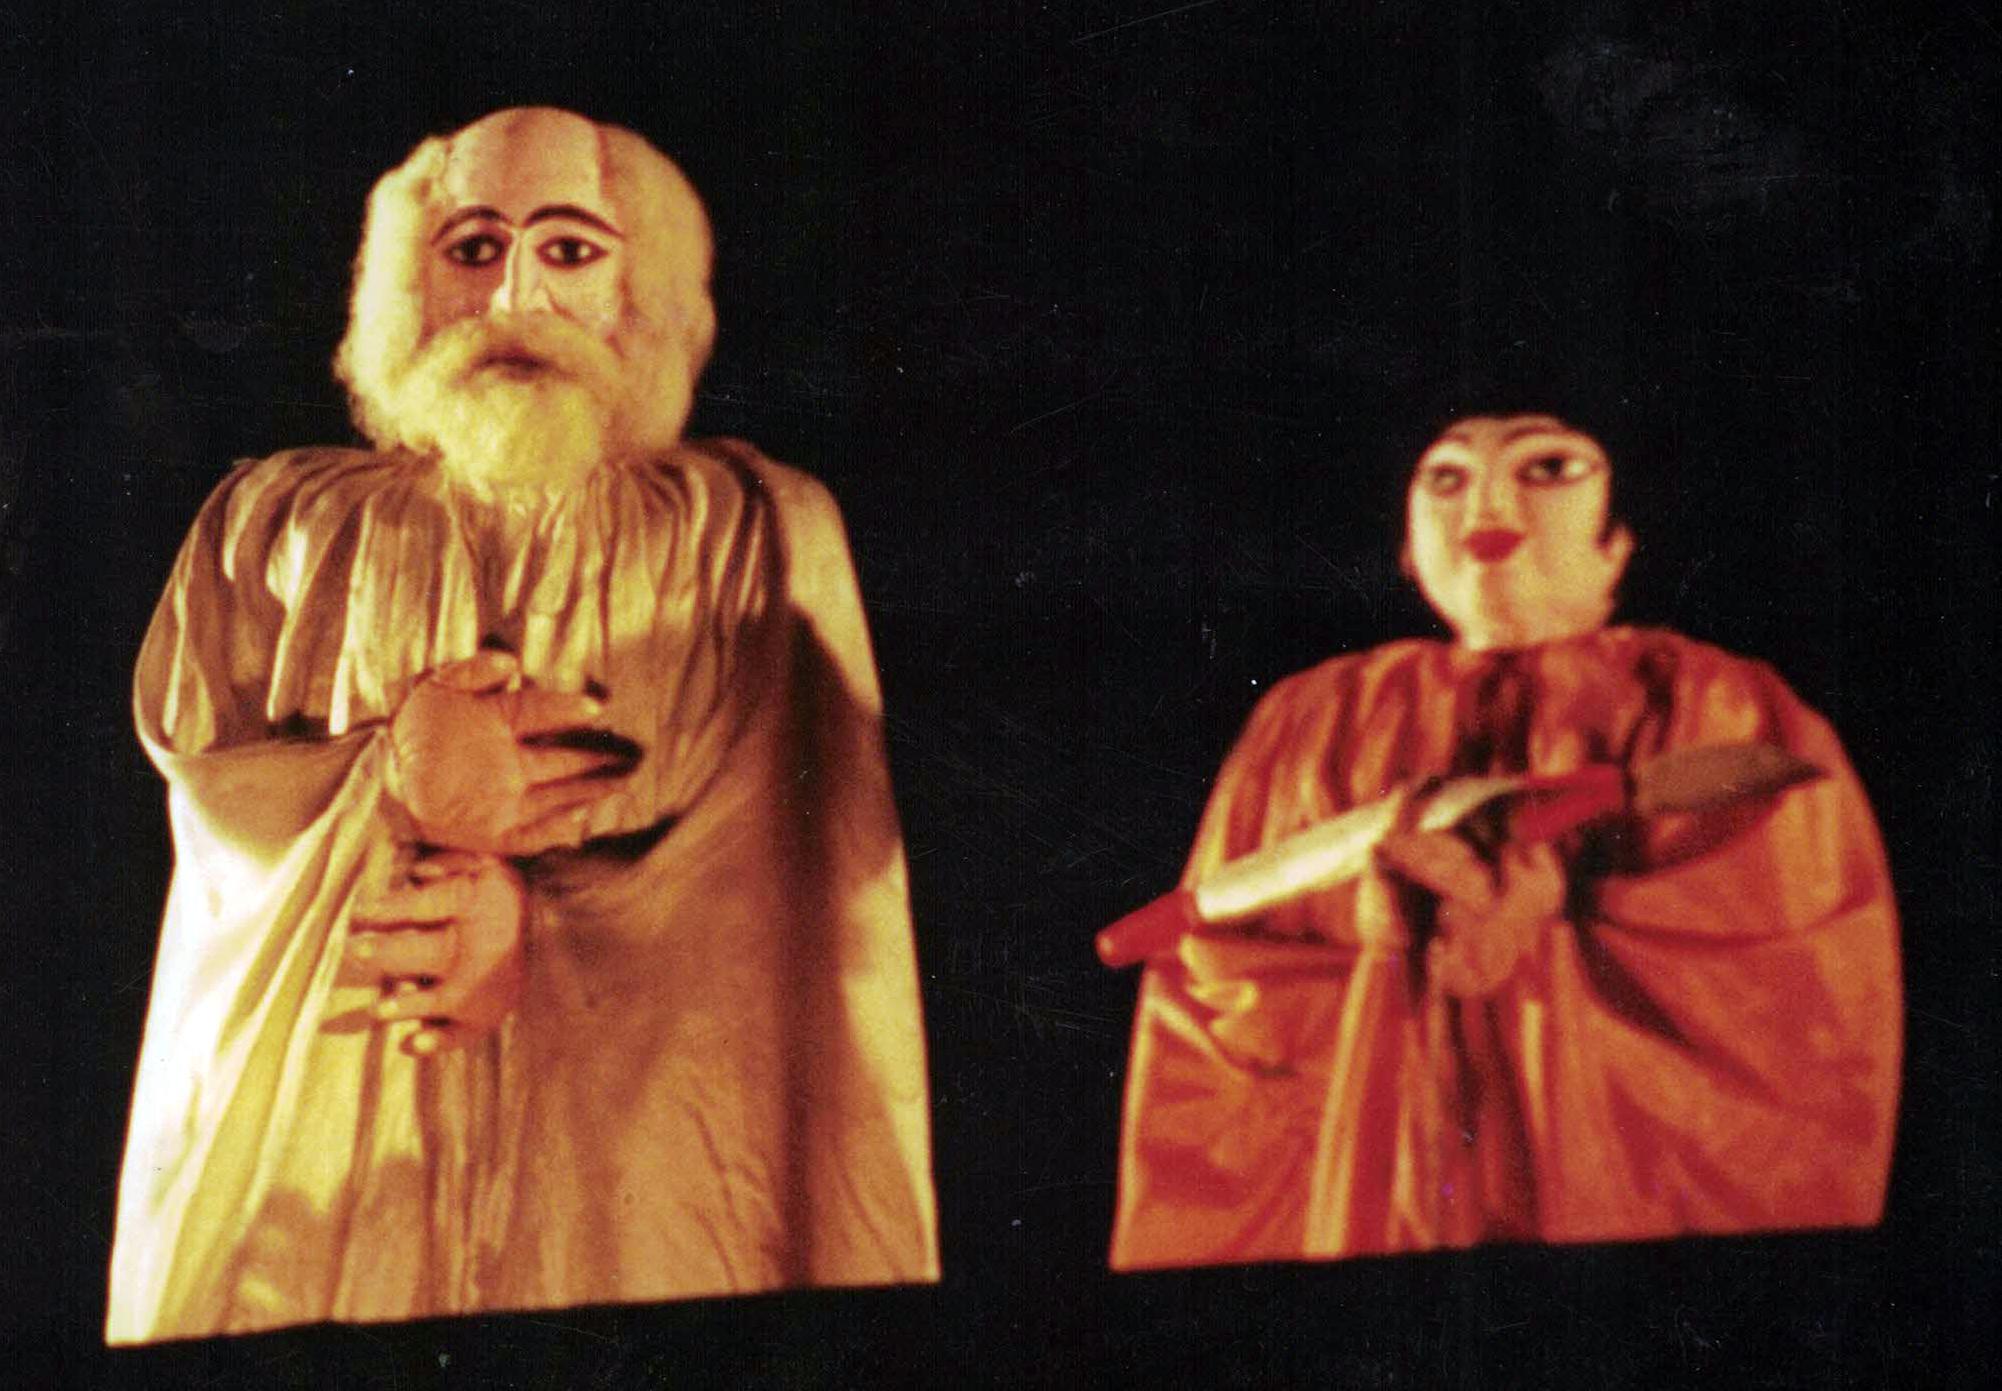 Une scène dans un spectacle du People's Puppet Theatre (Kolkata, Bengale occidental) dirigée par Hiren Bhattacharya, le récipiendaire du prix Sangeet Natak Akademi pour la Marionnette en 2001. Marionnettes à tiges